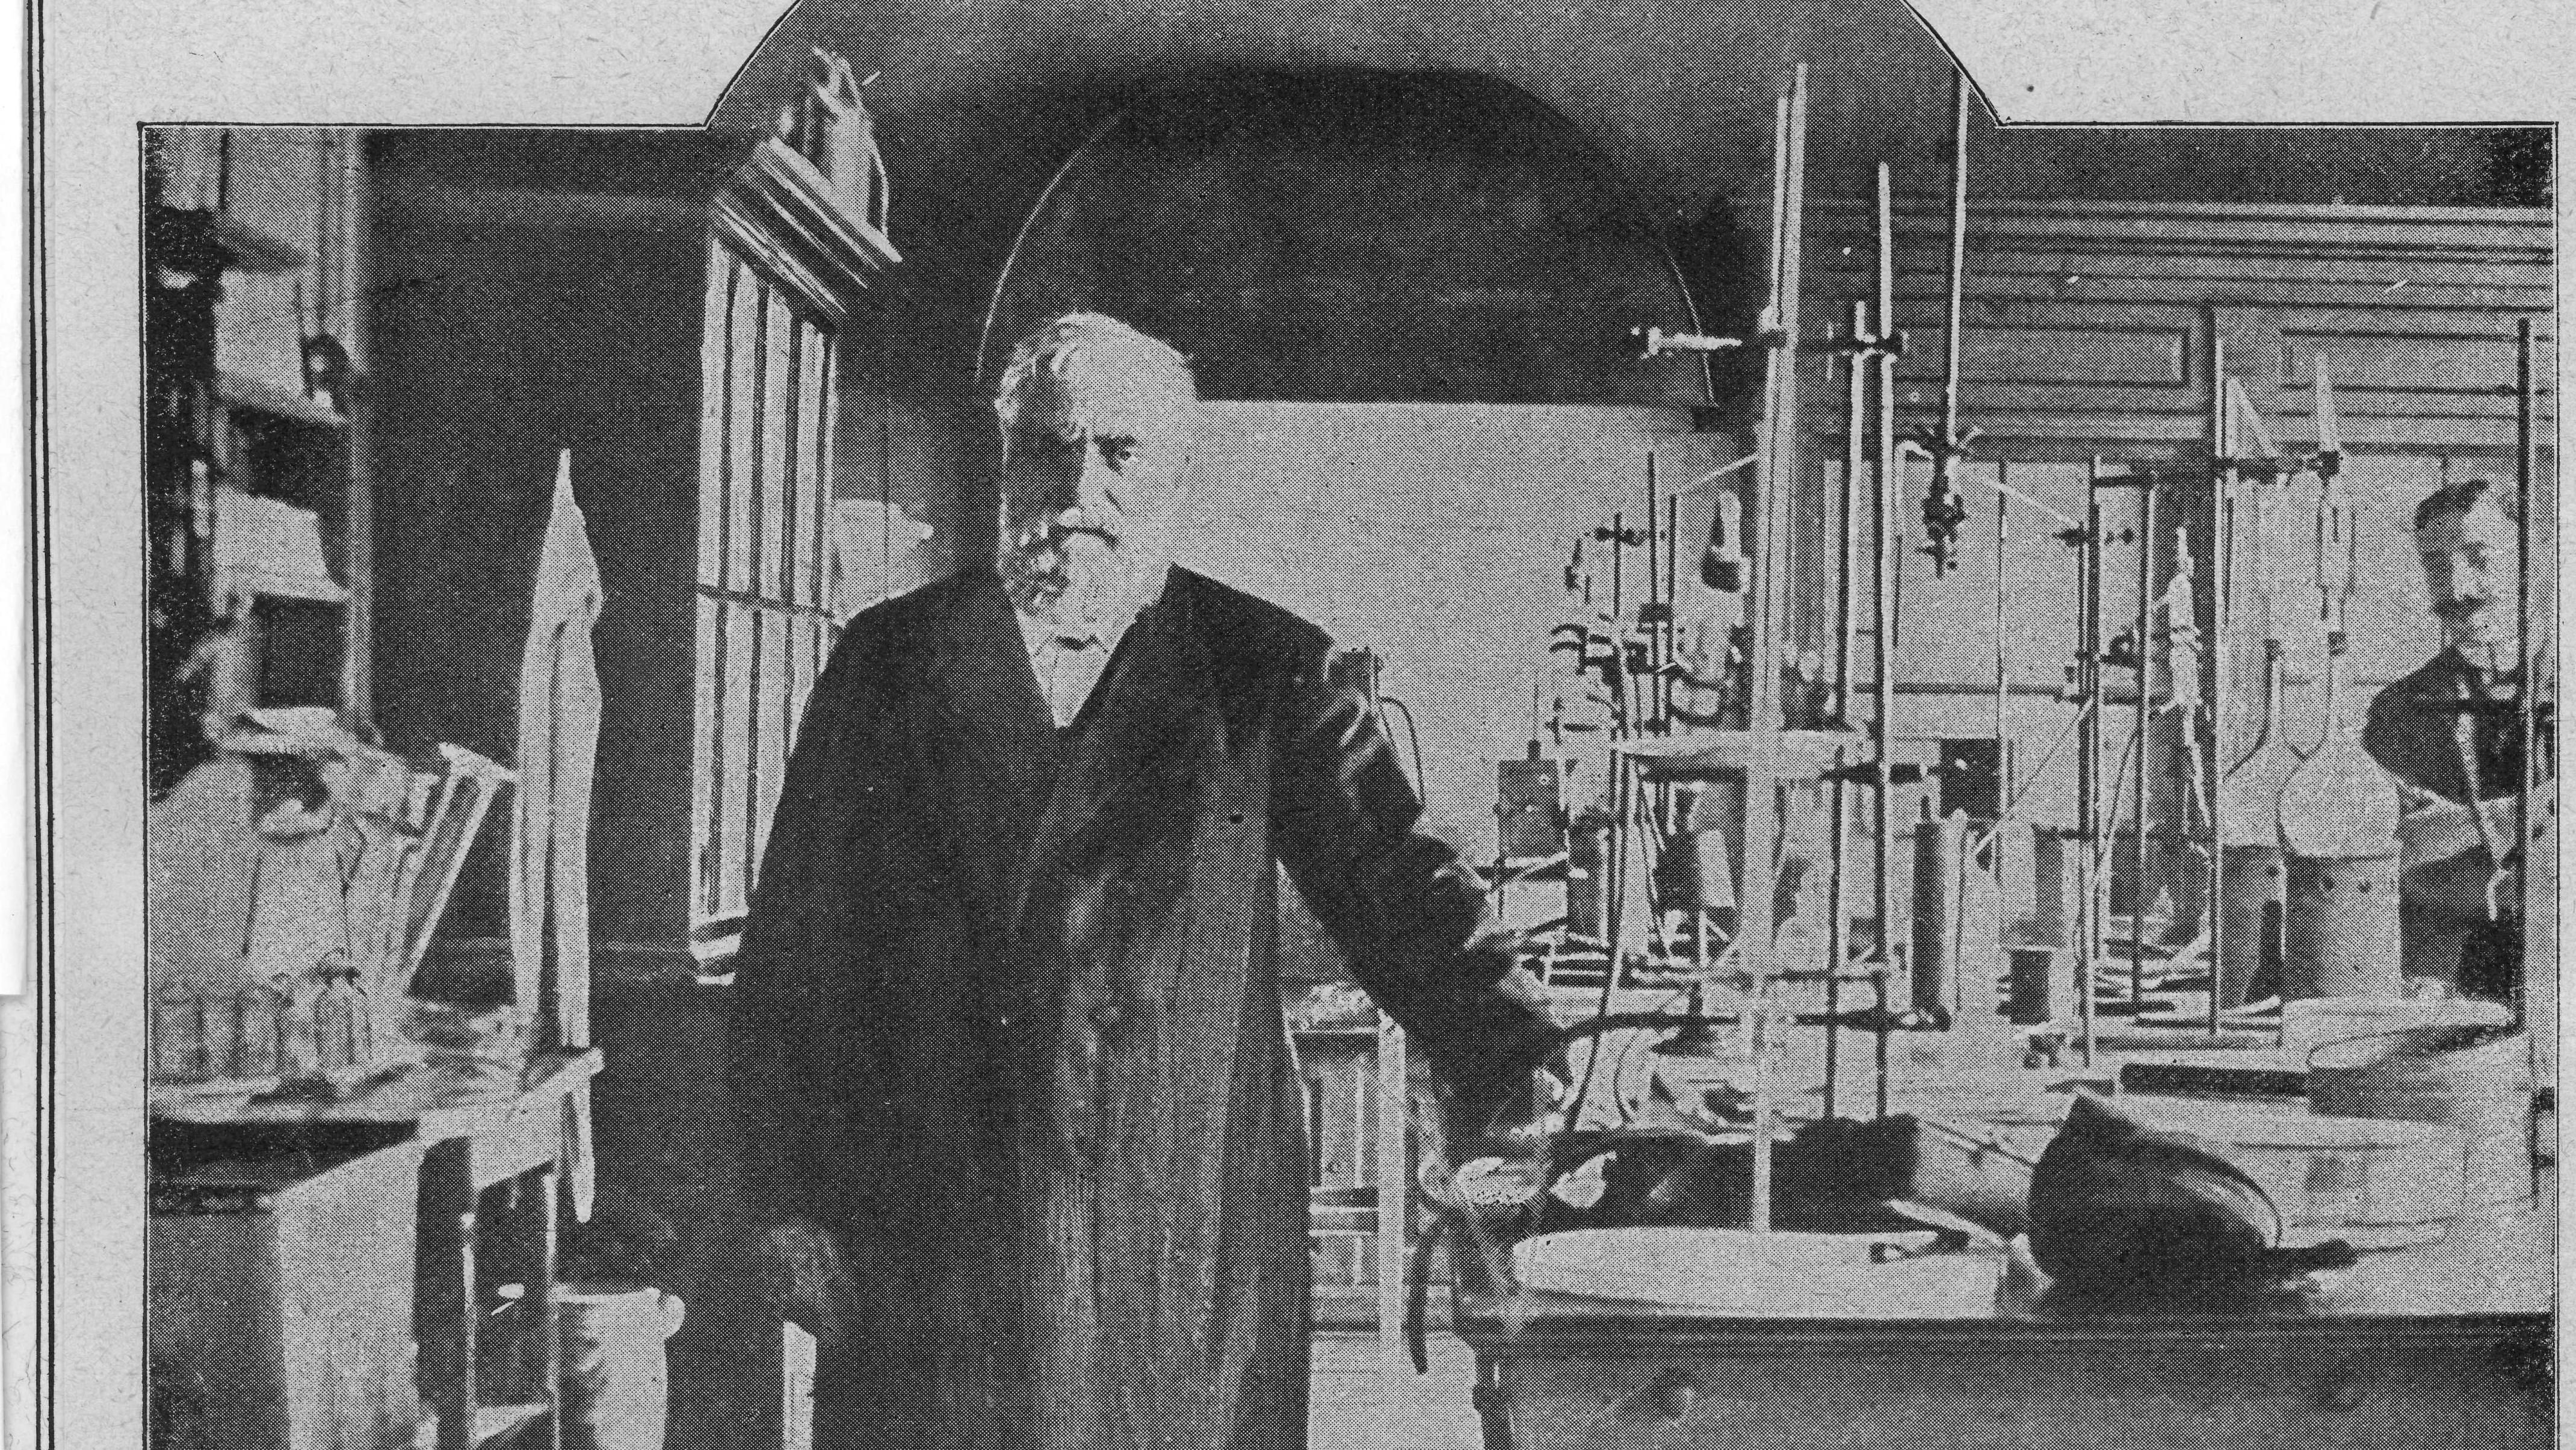 Max Josef von Pettenkofer (1818-1901) im Labor. Er schuf die Grundlagen der neuzeitlichen Hygiene.